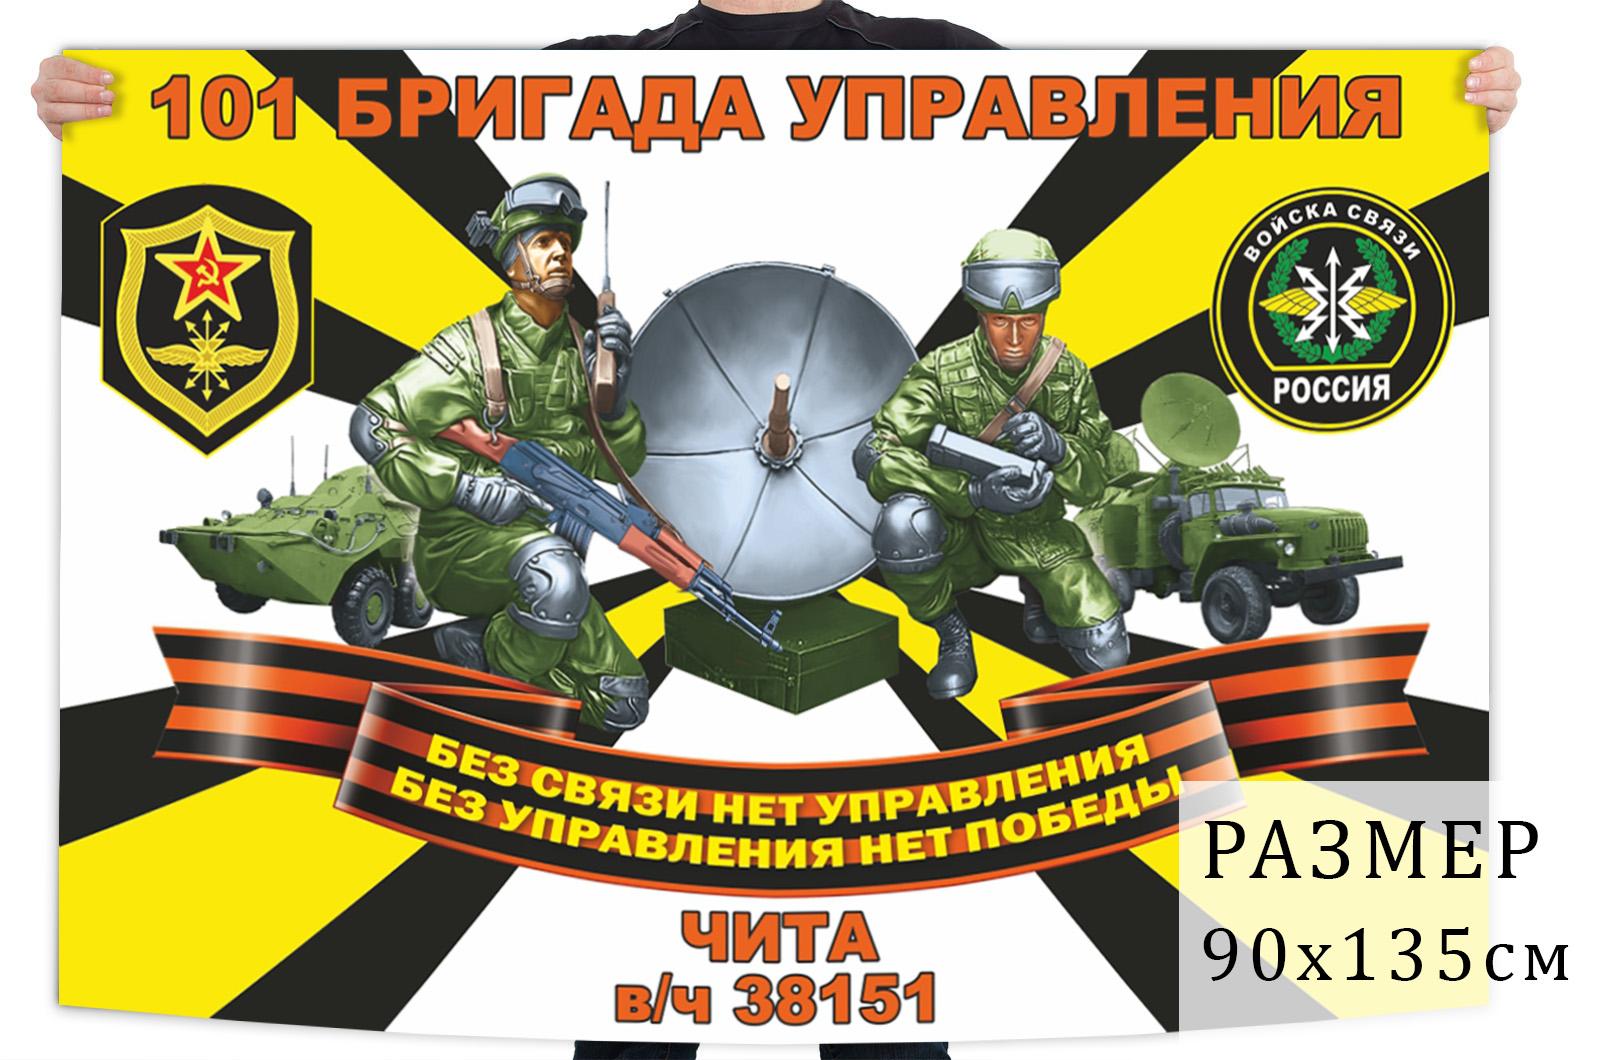 Флаг 101 бригады управления войск связи